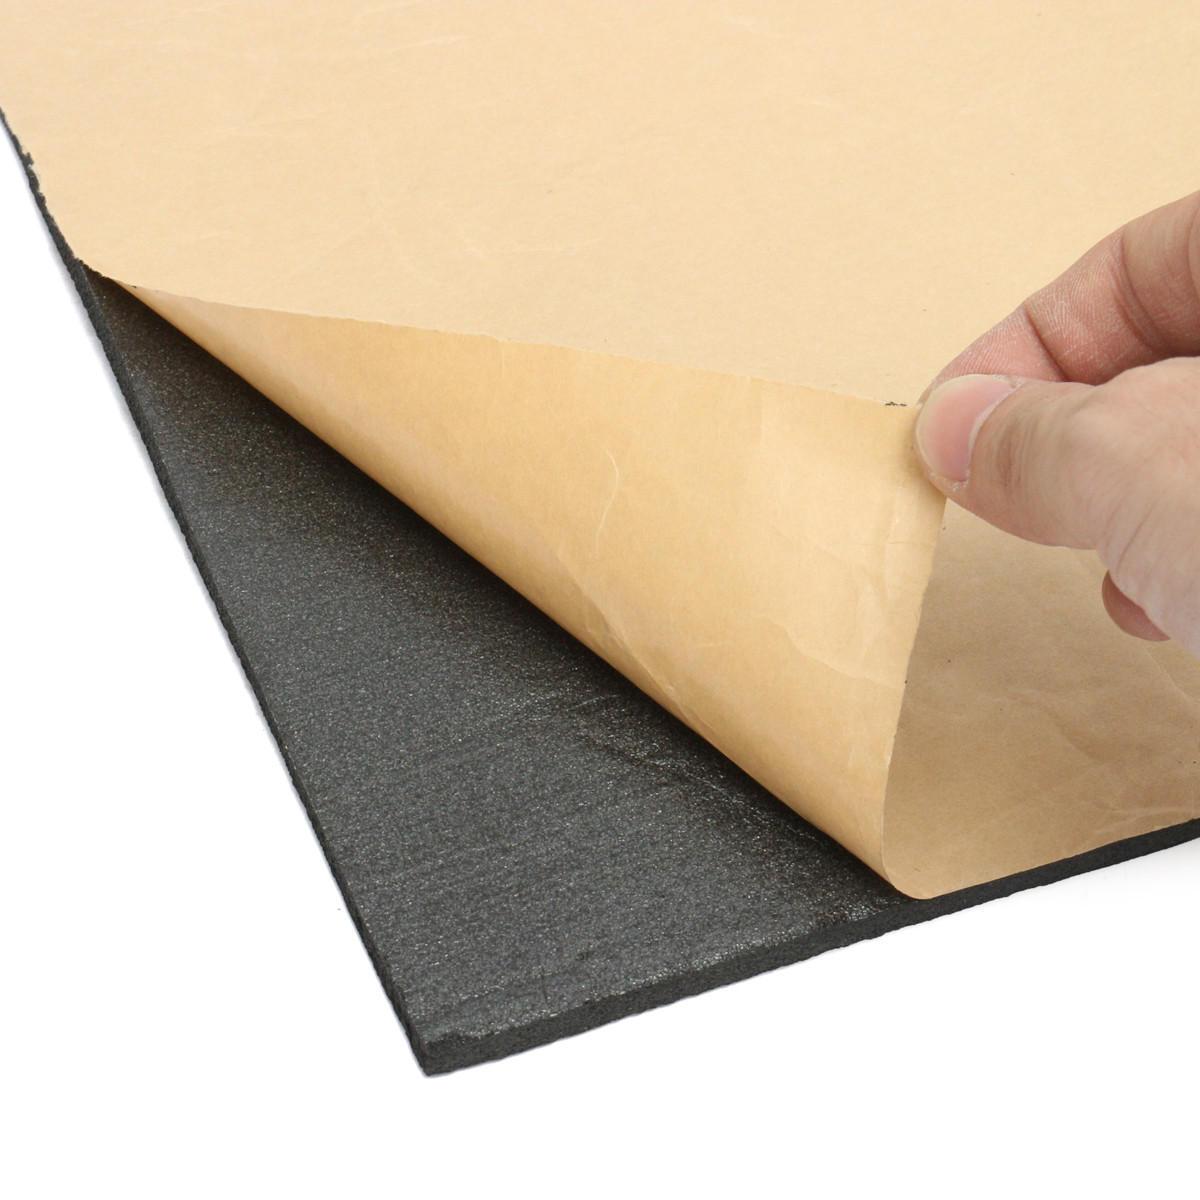 9 Blatt 40x30cm Schalldämmung Wärmeschutzschaum Schallschutzmaterial